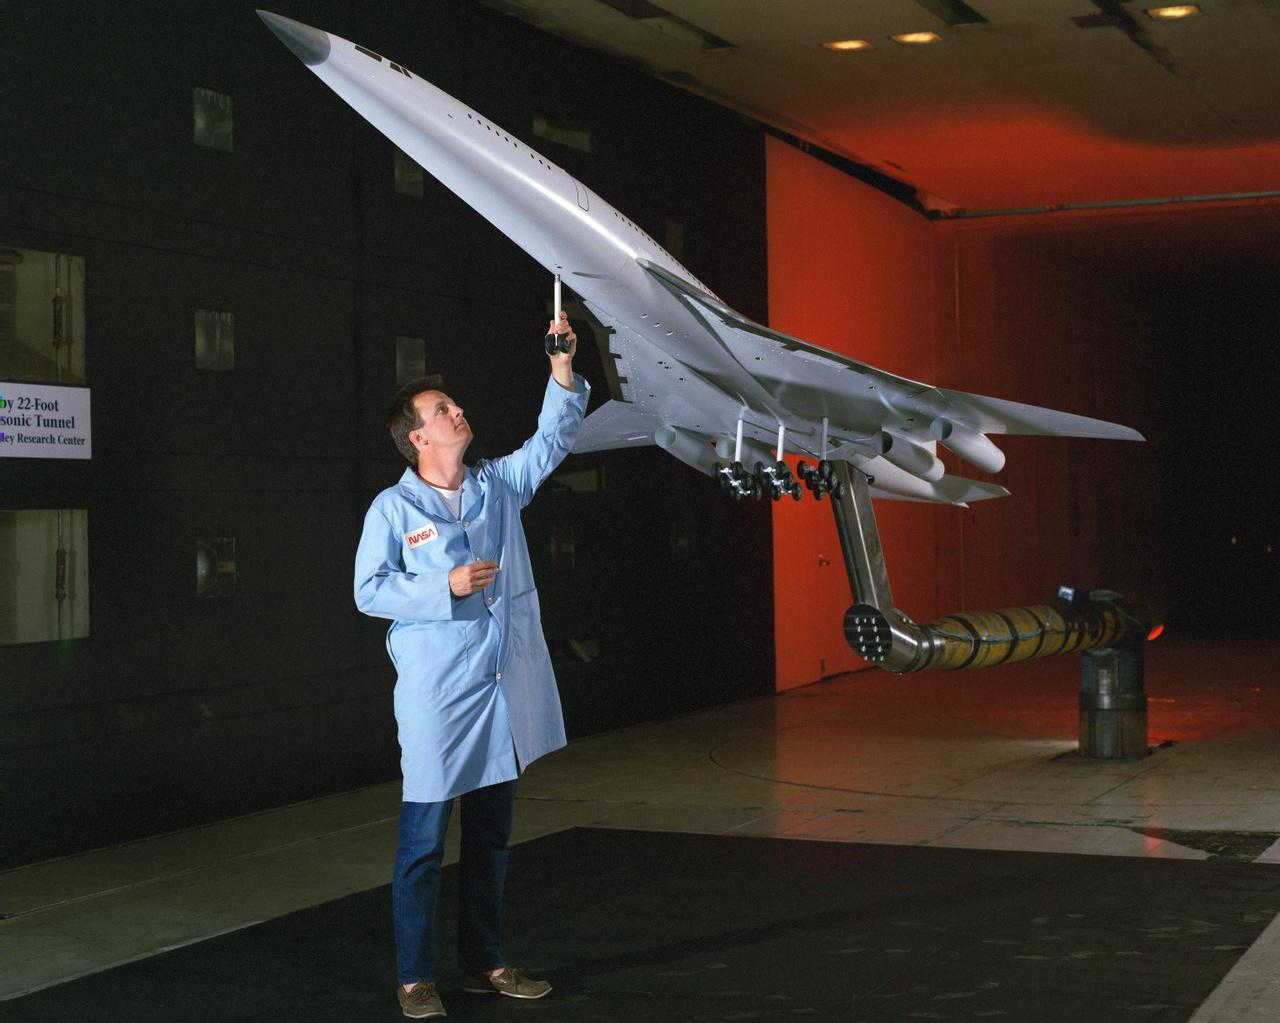 2009: a hangsebességnél gyorsabb utasszállító repülőgépekkel kapcsolatos új kutatások egy jelentős része a Langley-ben folyik. A képen látható Boeing modell a tervek szerint a hangsebesség 2,4-szeresével repülhet.